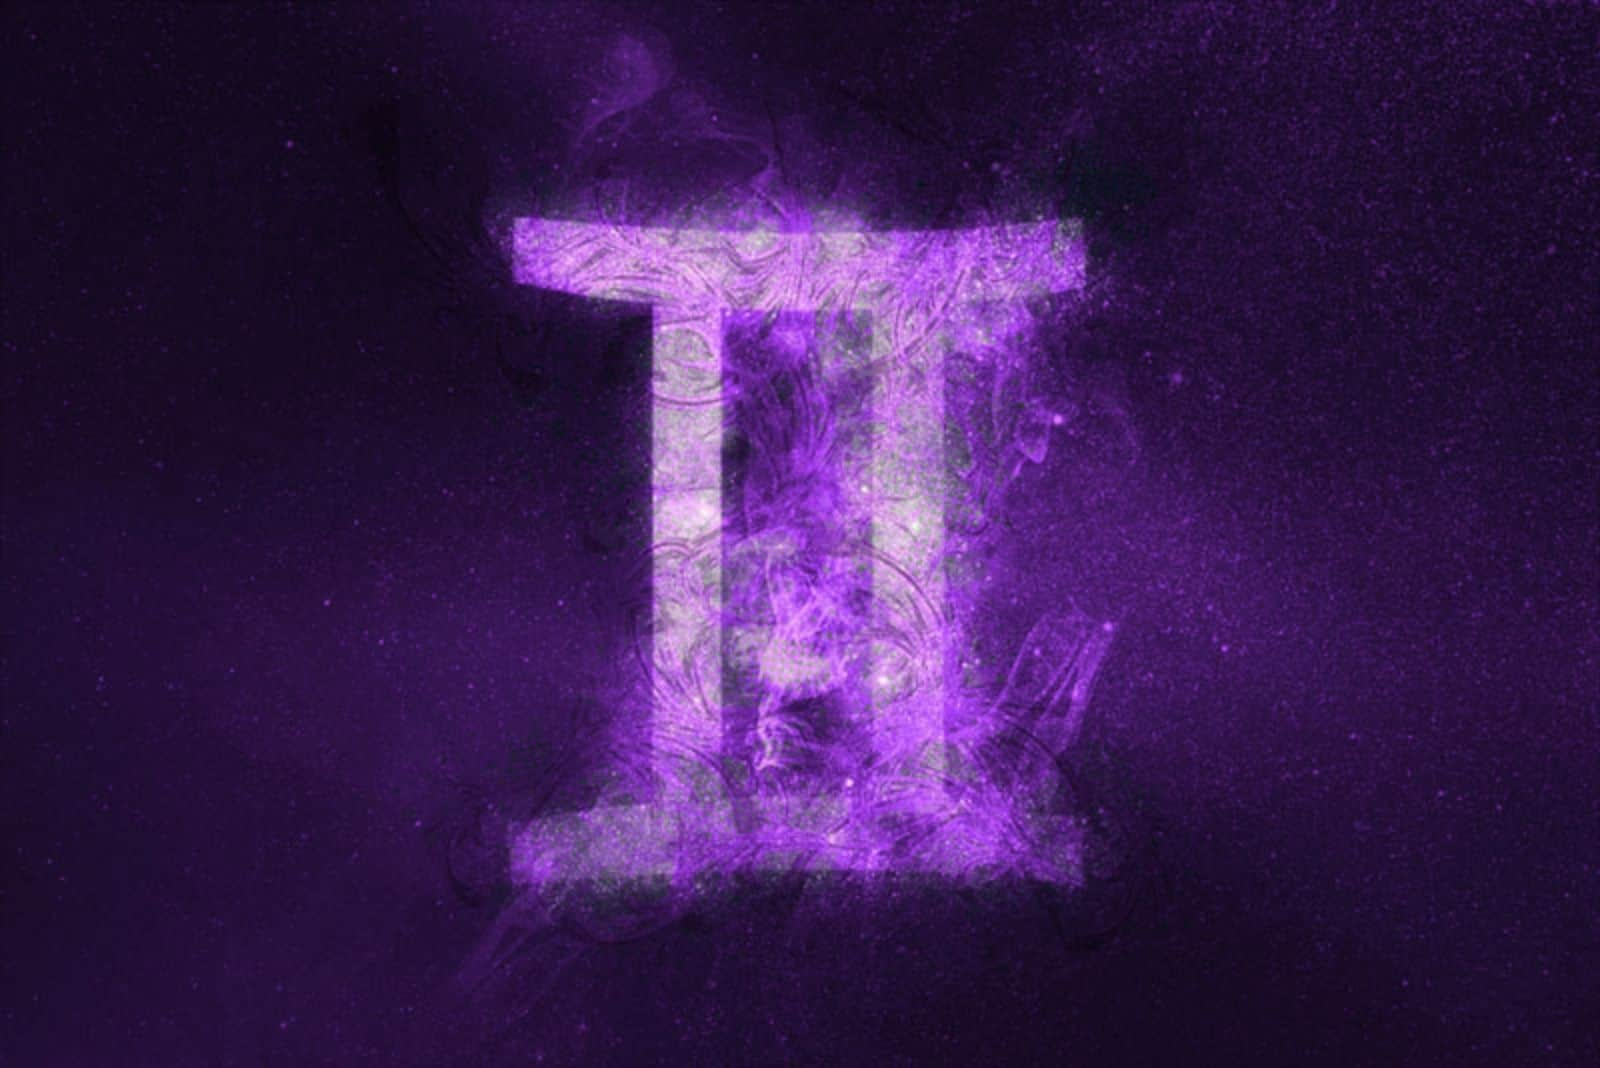 Zodiac sign of Gemini